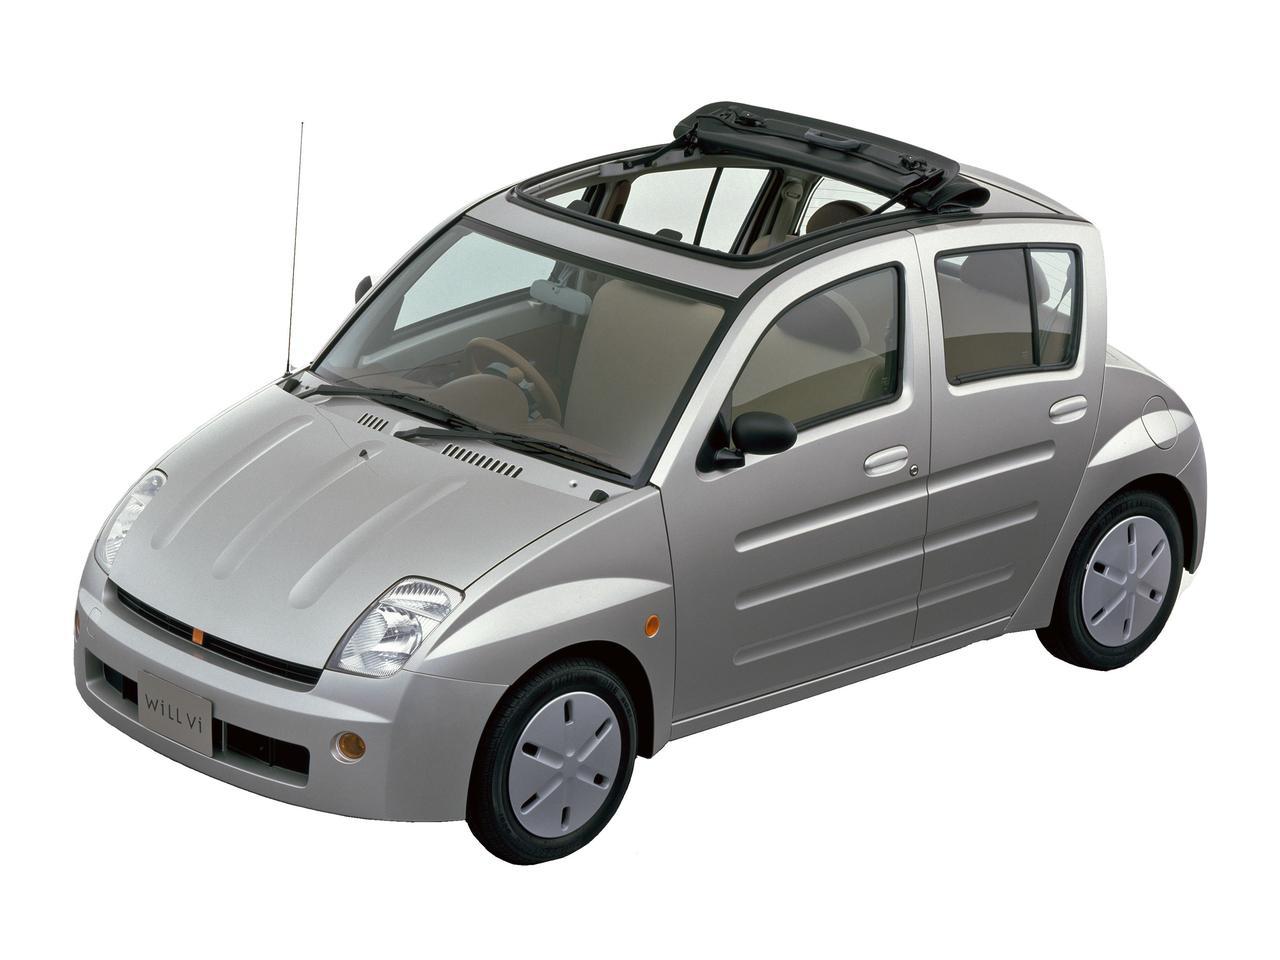 【やんちゃなトヨタ】異業種とのコラボで誕生した「WiLL Vi」は常識破りのデザインだった(その9)